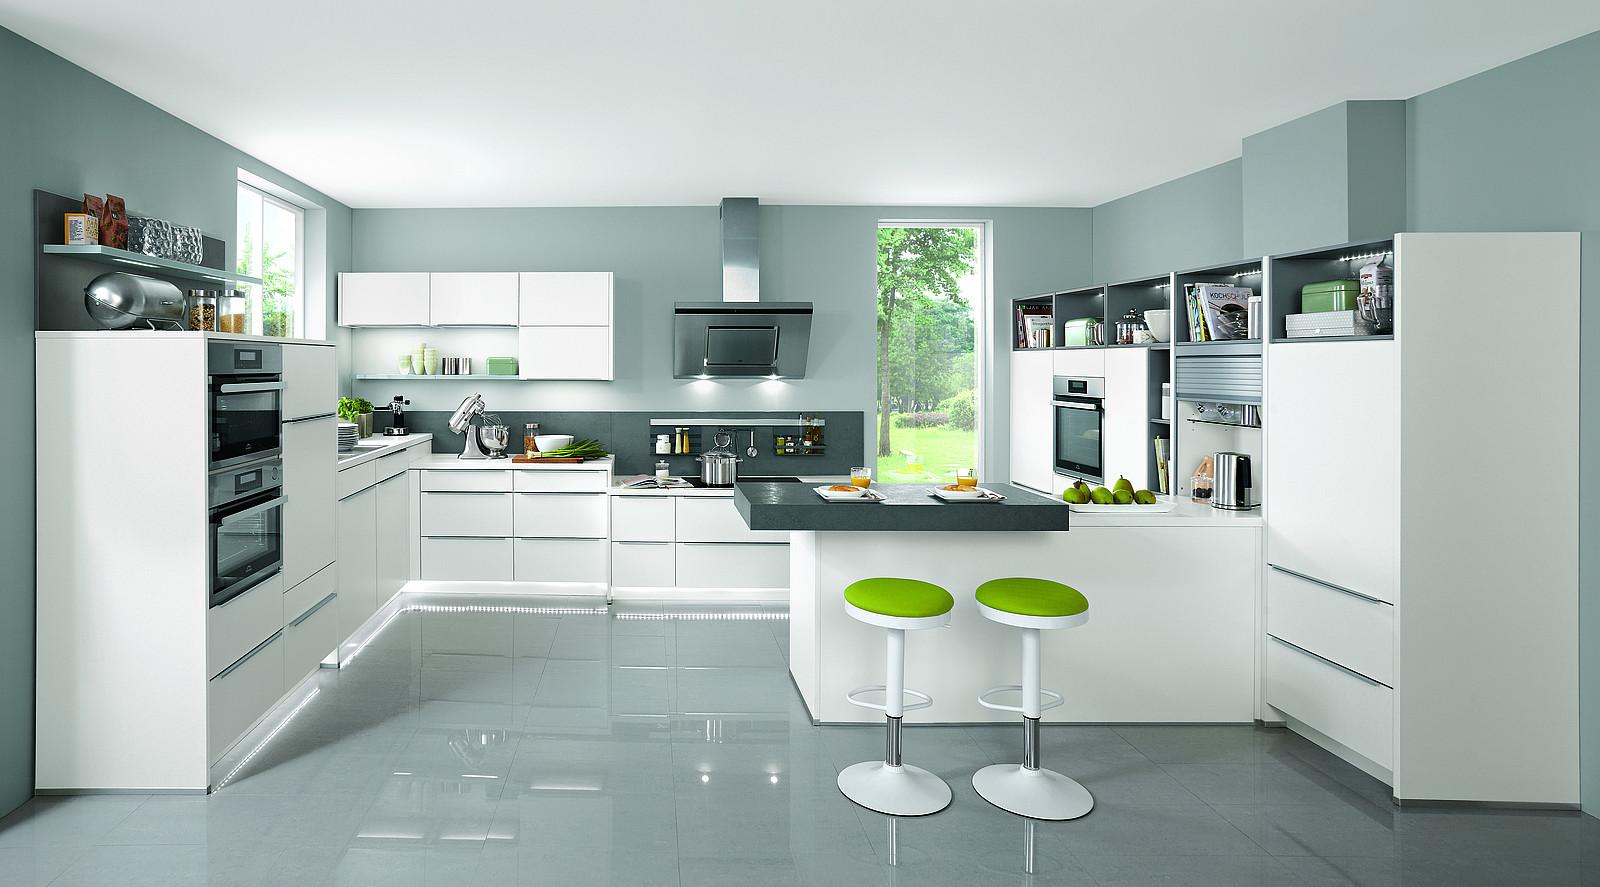 Full Size of Roller Komplettküche Willhaben Komplettküche Einbauküche Ohne Kühlschrank Einbauküche Ohne Kühlschrank Kaufen Küche Einbauküche Ohne Kühlschrank